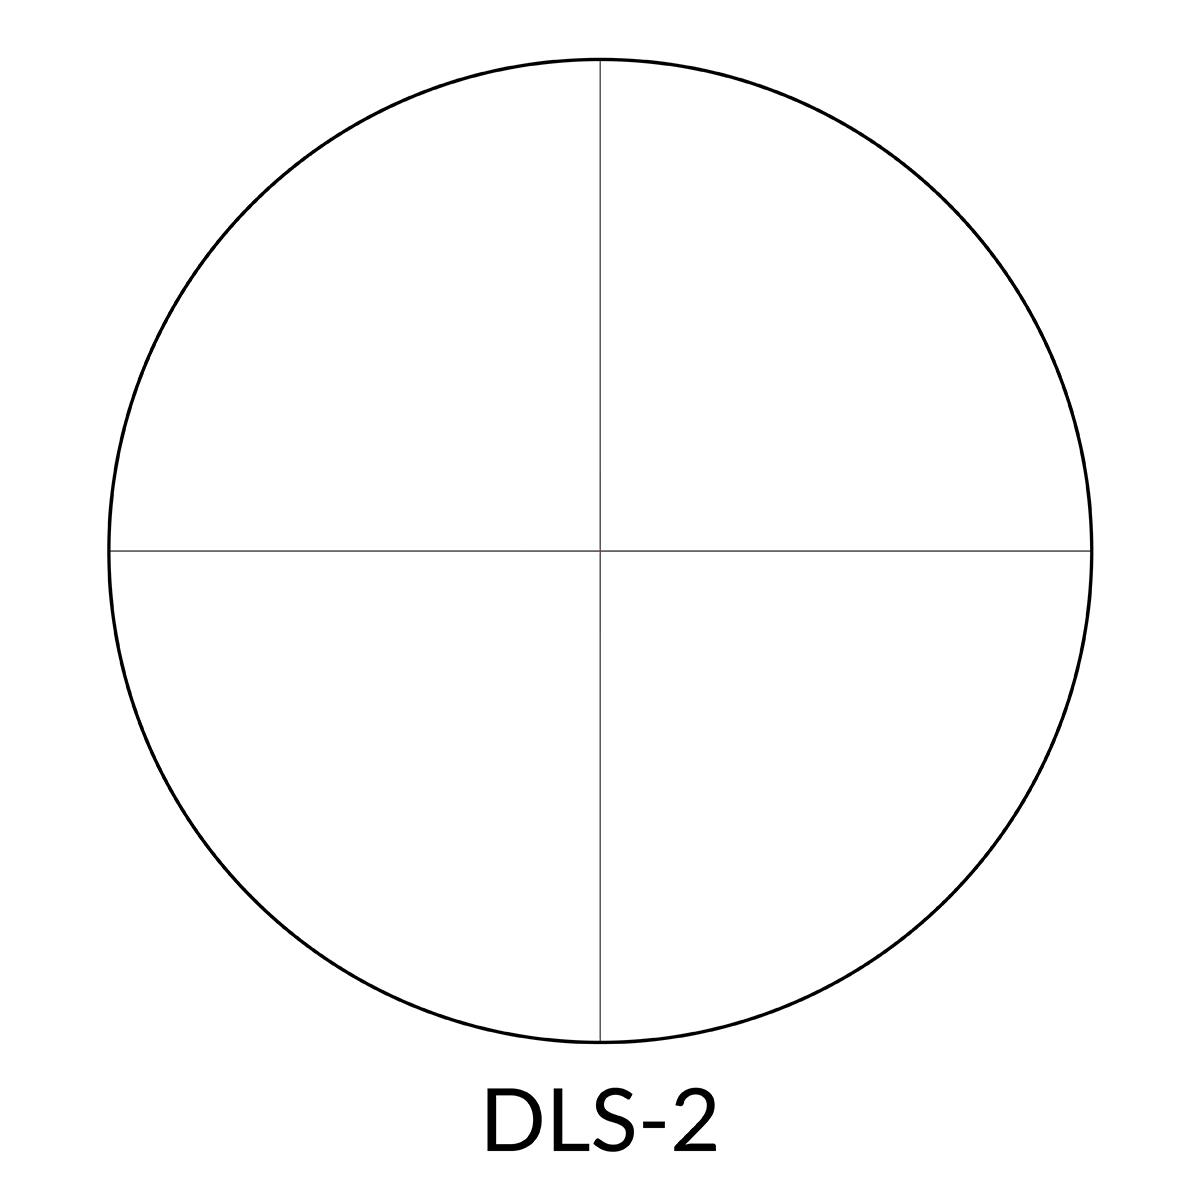 DLS-2